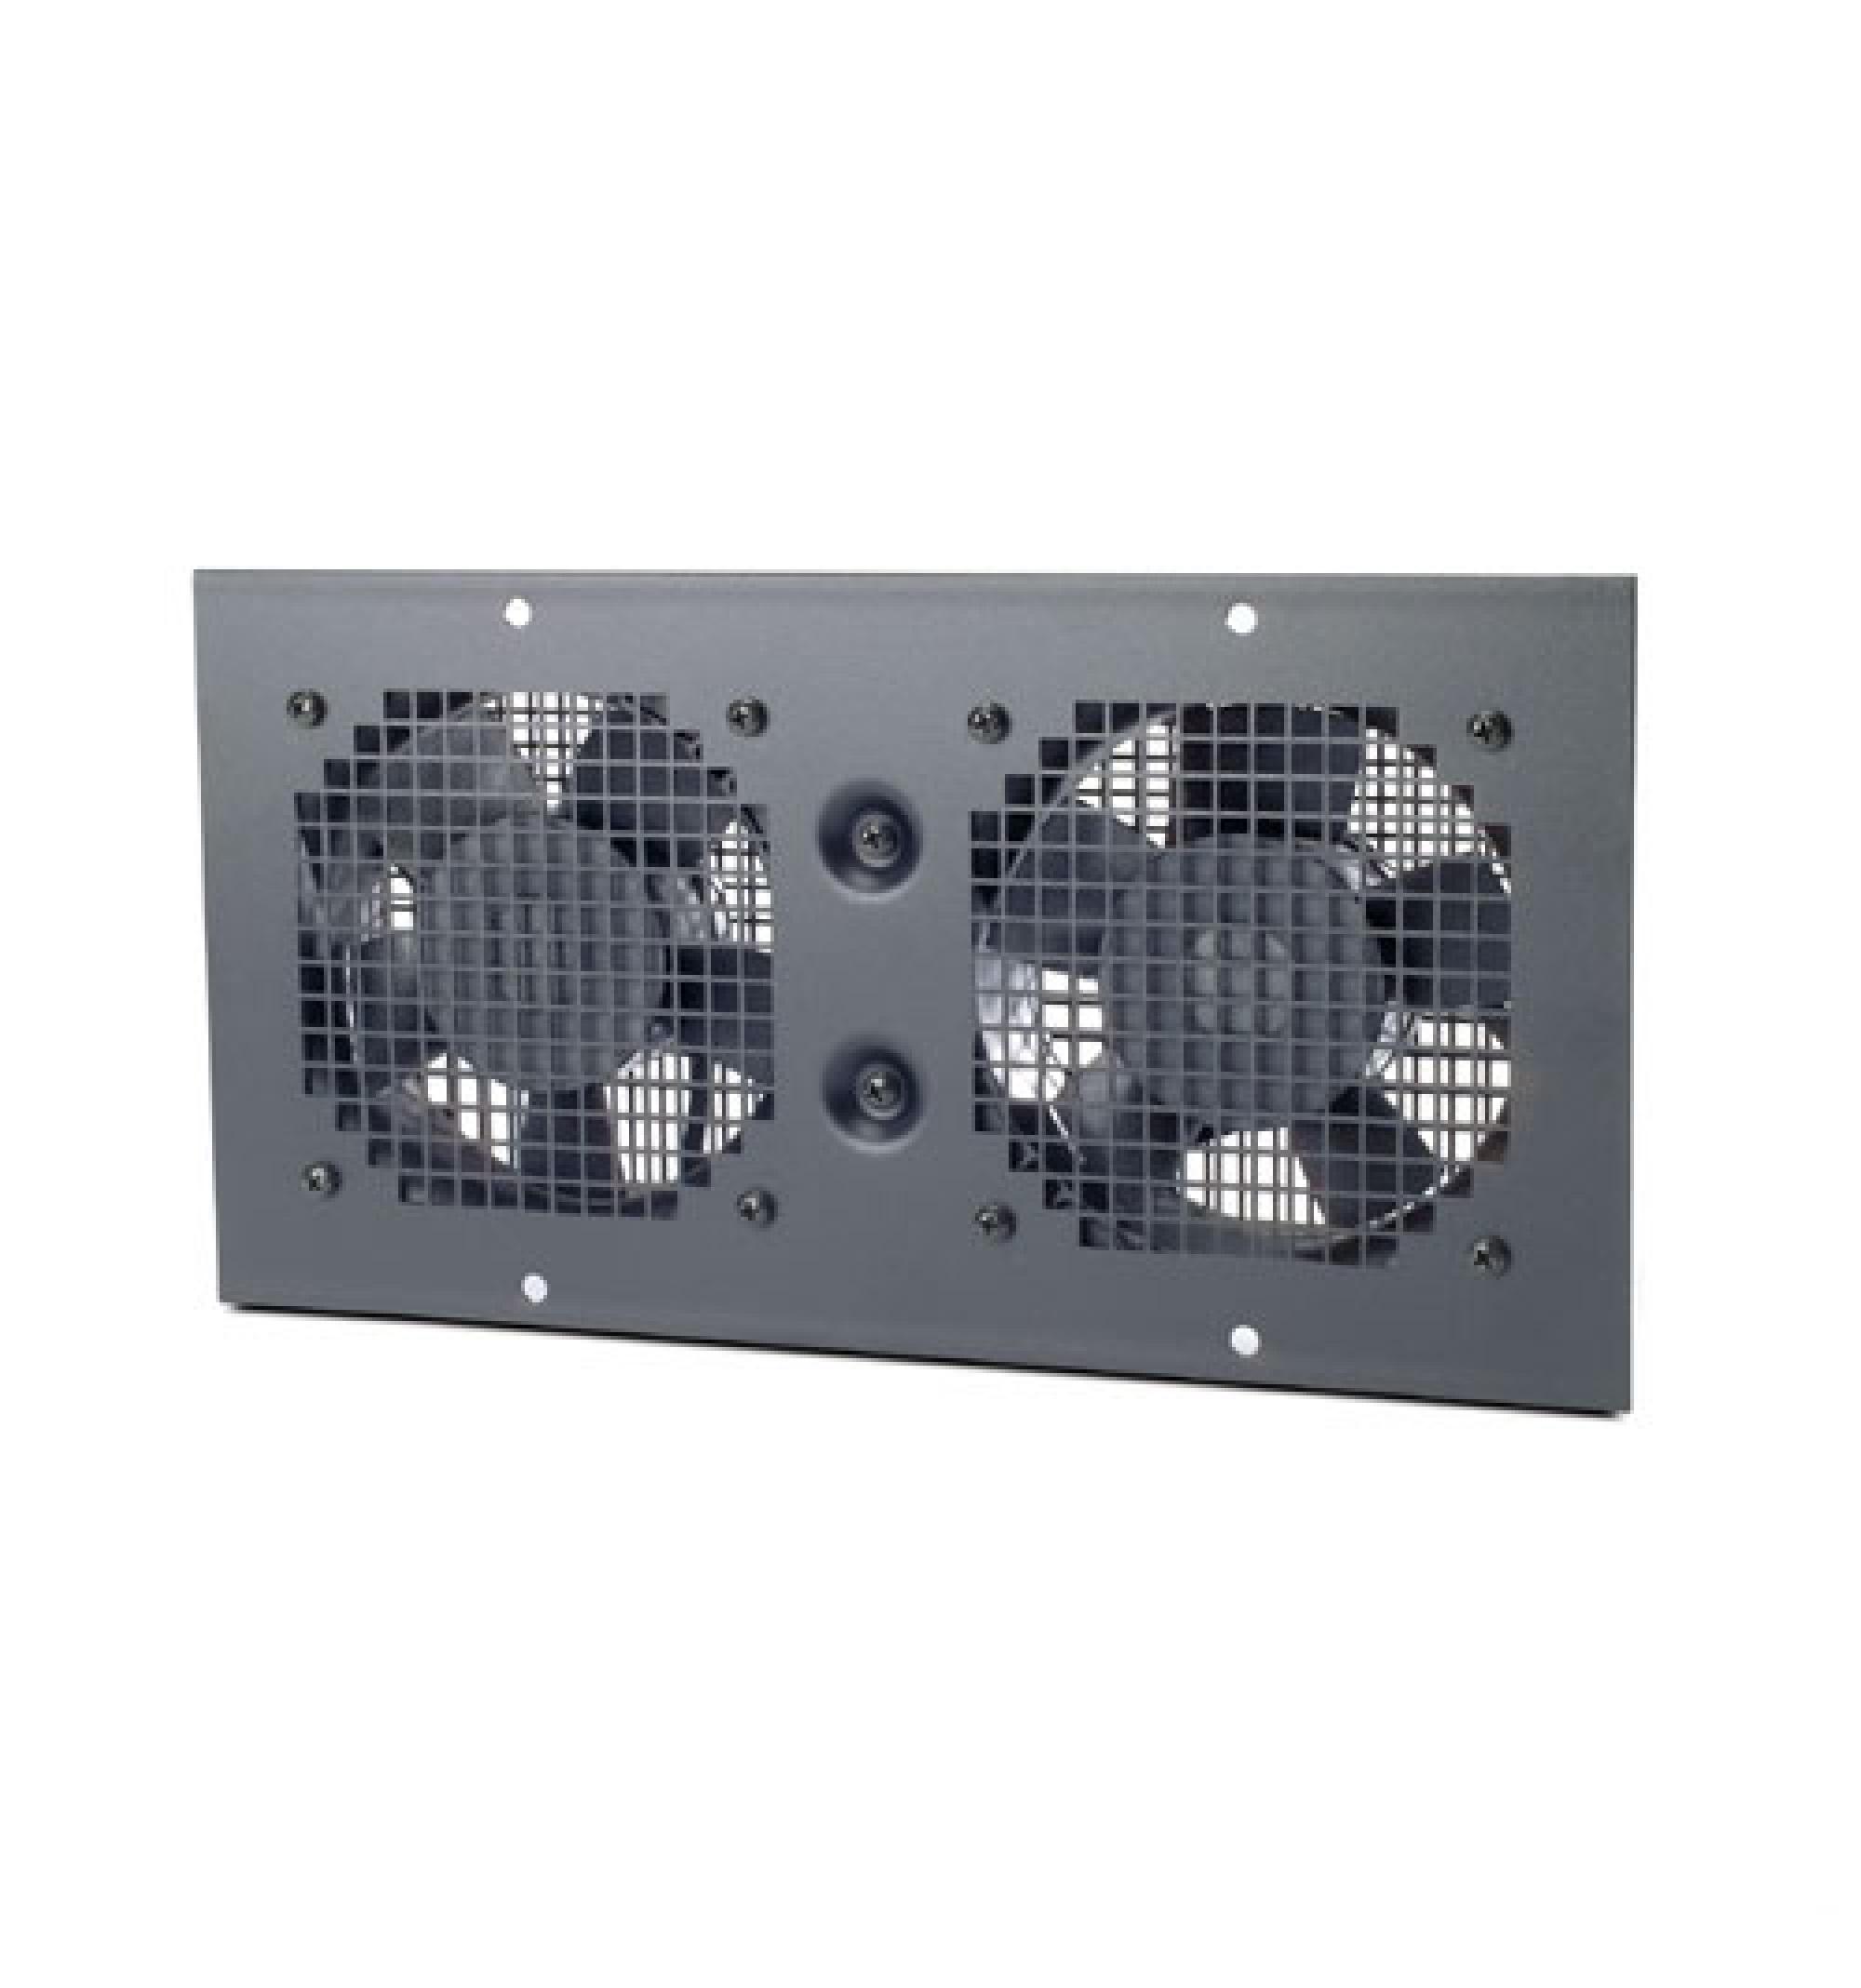 Bandeja para ventilador de teto 208/230V 50/60 HZ para racks NetShelter WX